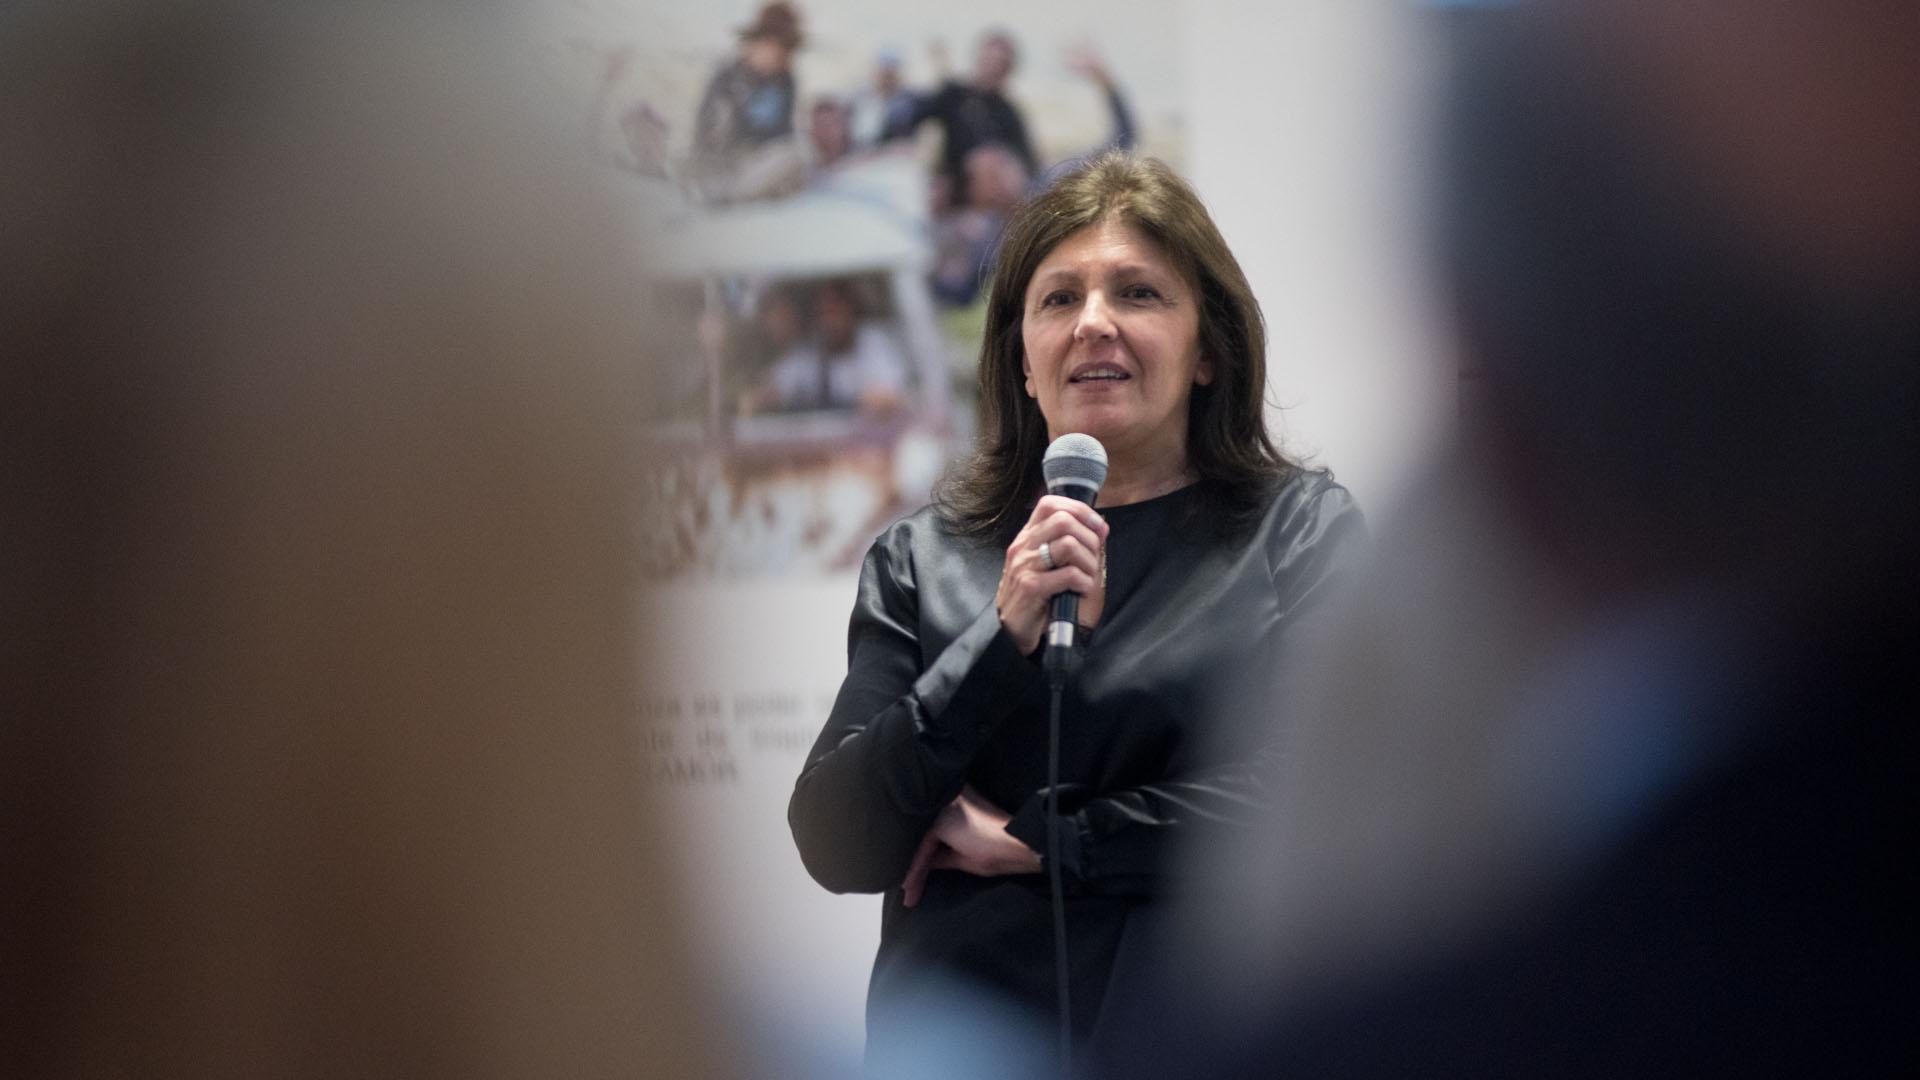 Lic. Alicia Daher Presidente de la Fundación Nínawa Daher